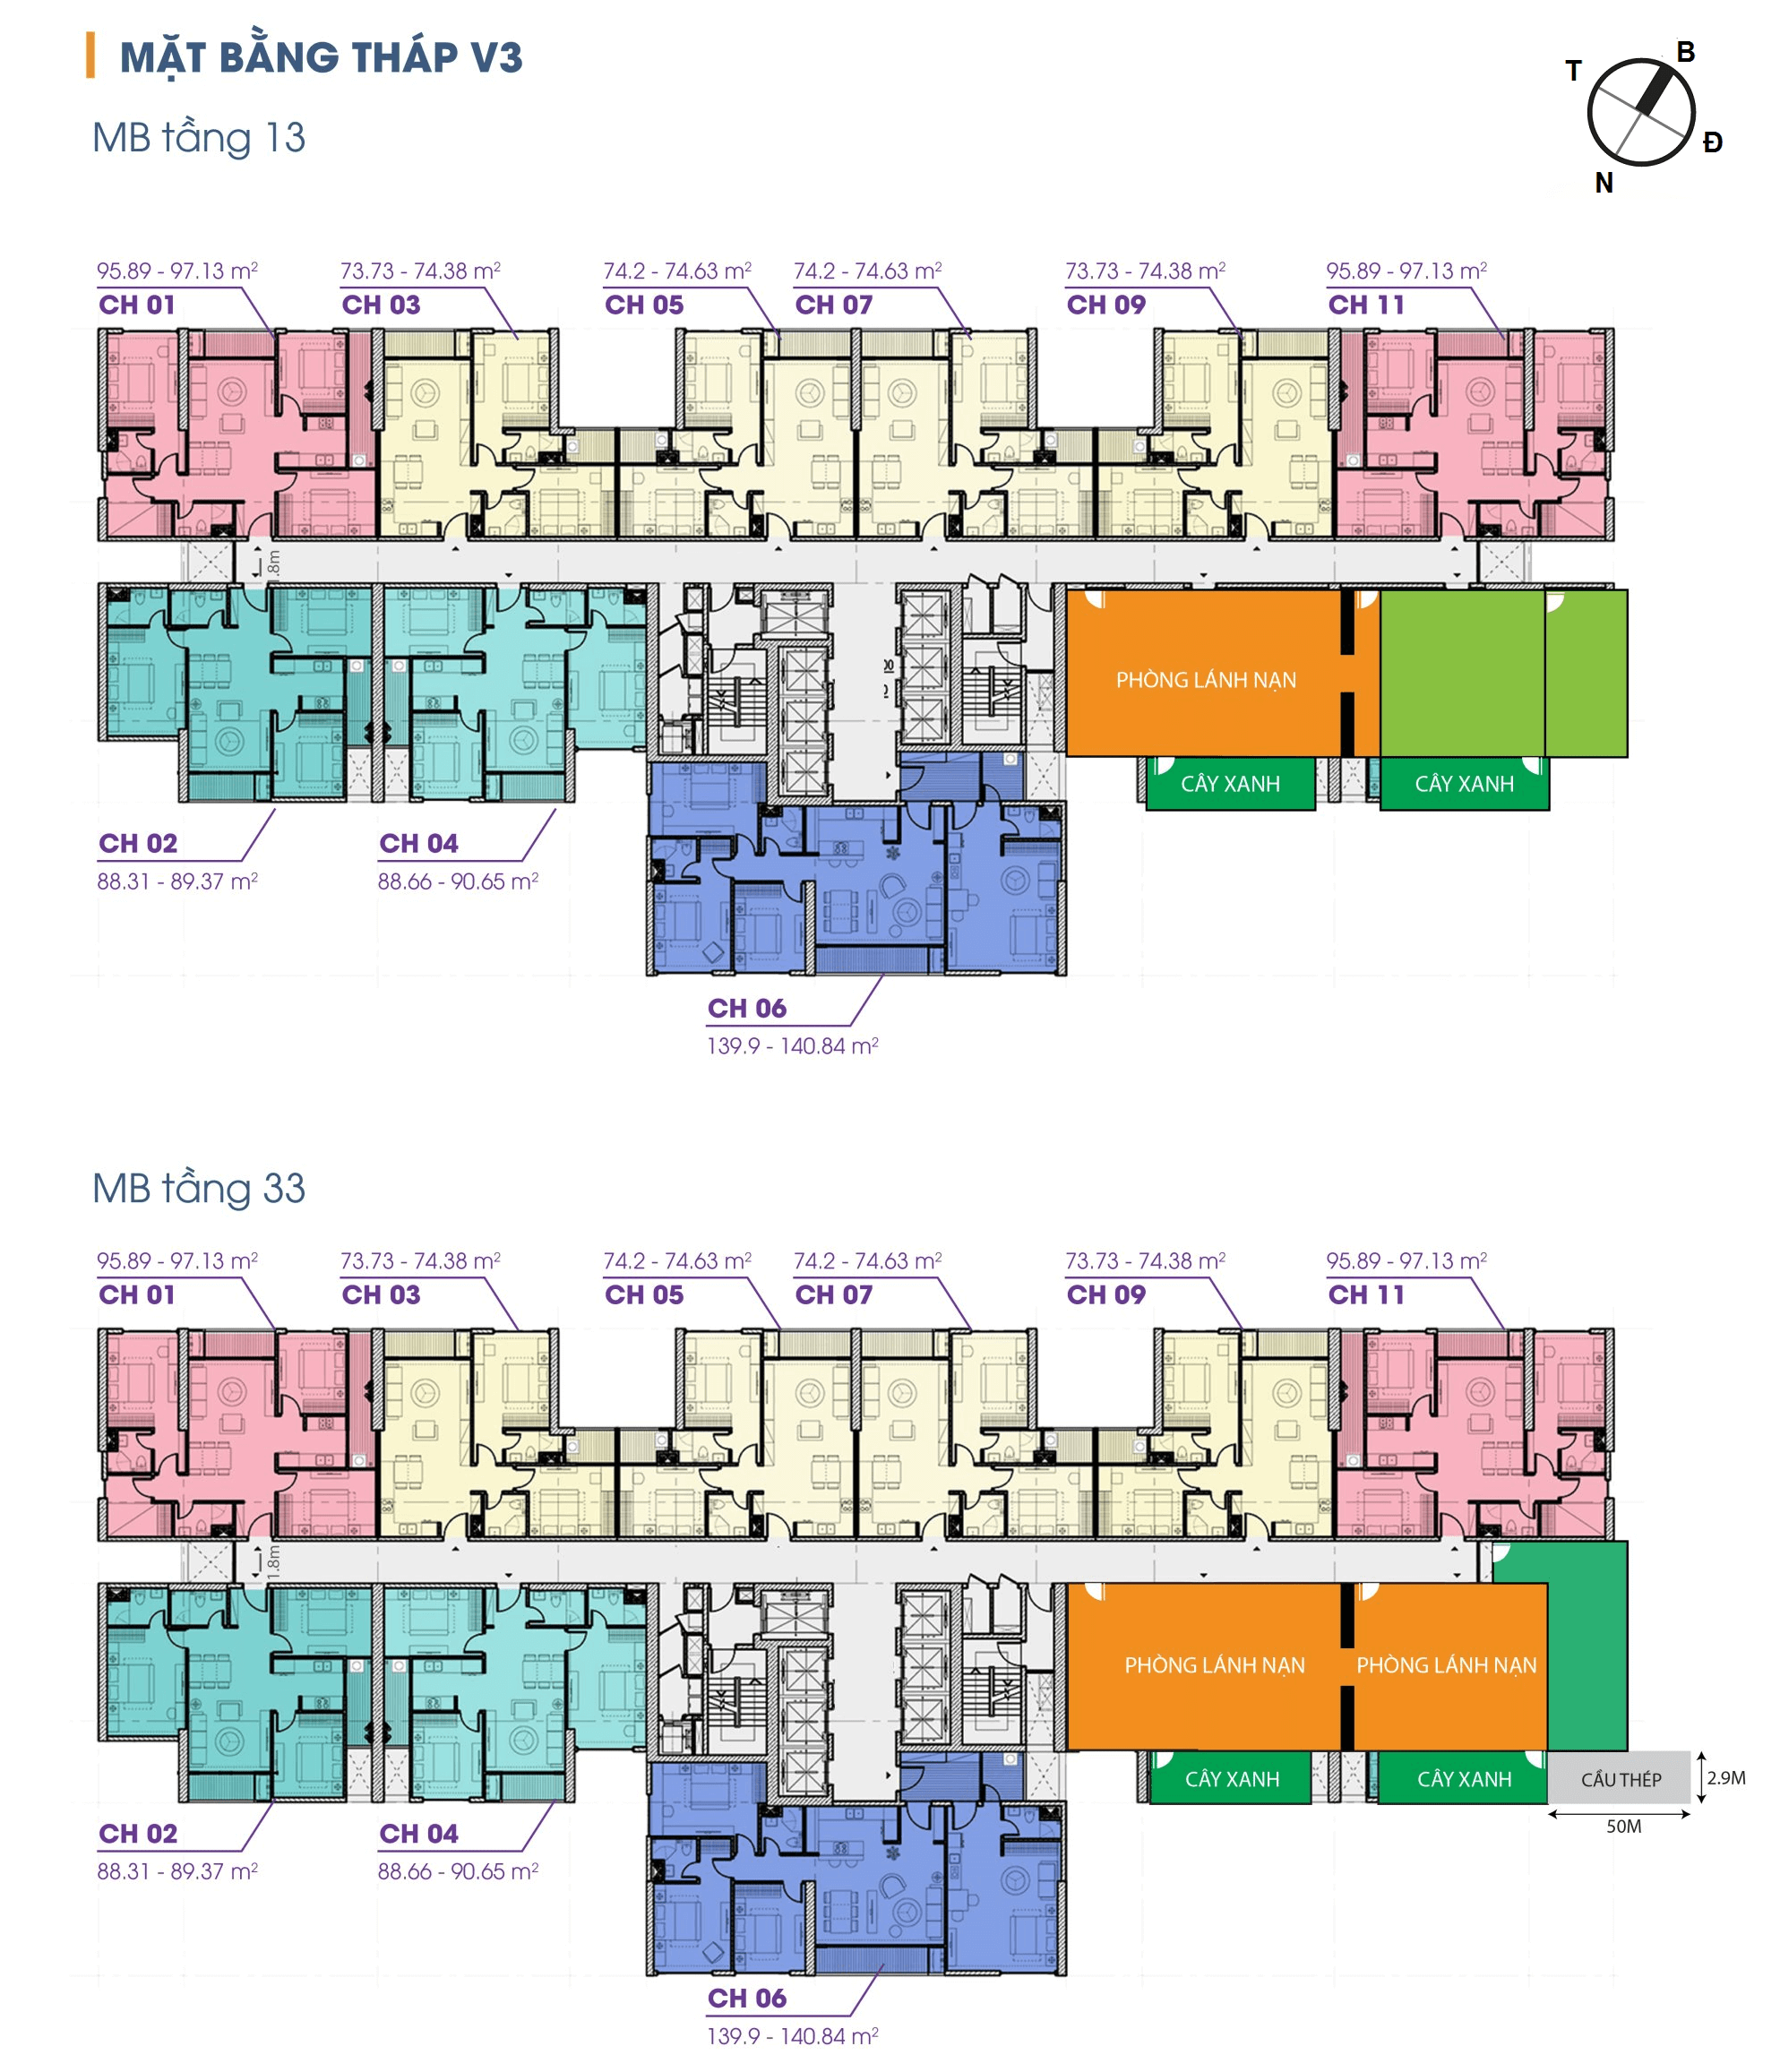 mặt bằng tòa v3 chung cư the terra an hưng tầng 13-33